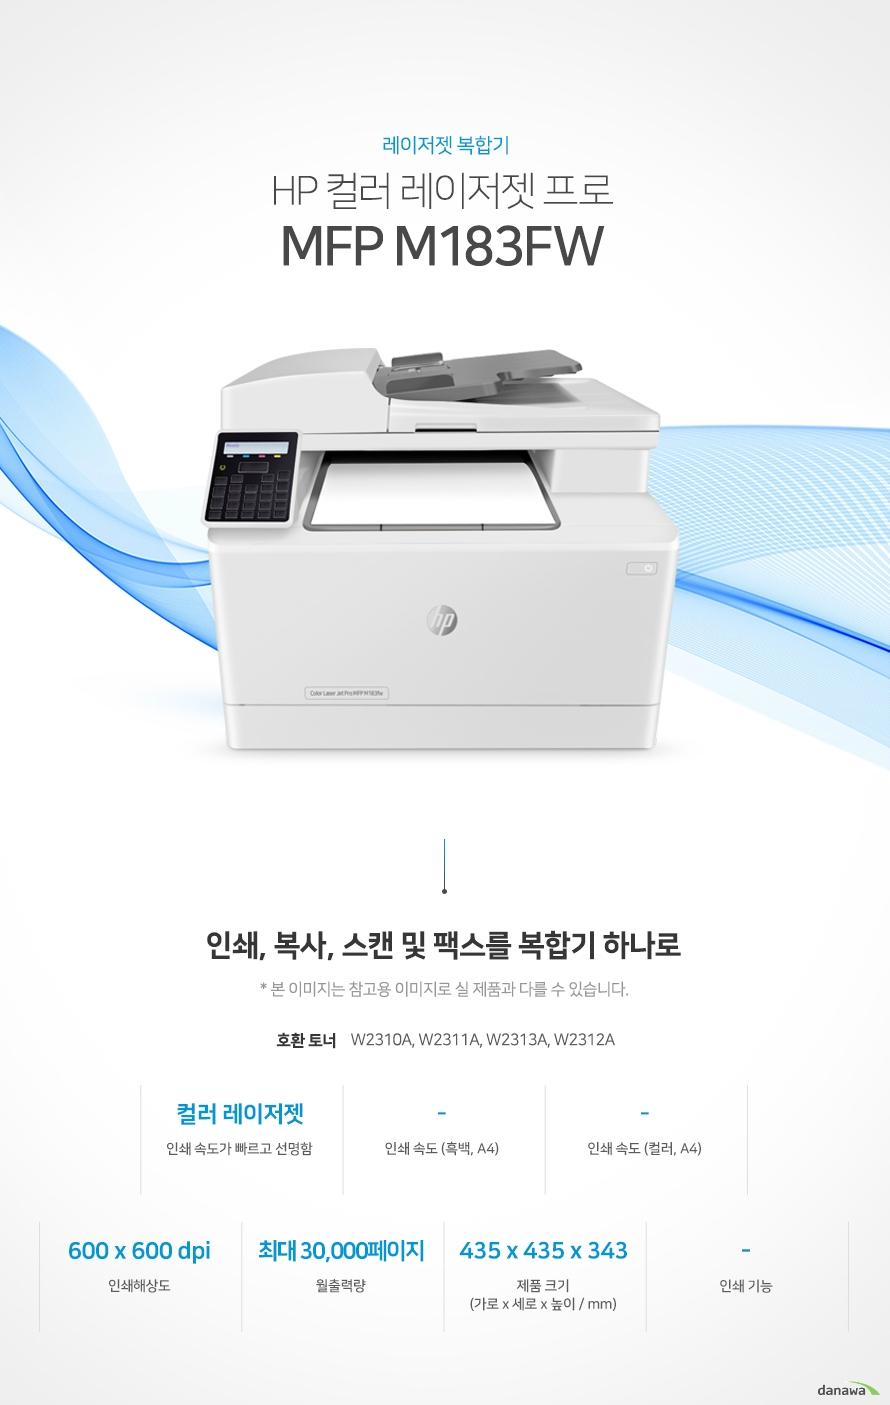 레이저젯 복합기 HP 컬러 레이저젯 프로 MFP M183fw (기본토너) 인쇄,복사, 스캔 및 팩스를 복합기 하나로 호환토너 W2310A, W2311A, W2313A, W2312A / 컬러 레이저젯 인쇄 속도가 빠르고 선명함 / 인쇄 속도 (흑백, A4) - / 인쇄 속도 (컬러, A4) - / 인쇄해상도 600 x 600 dpi / 월출력량 최대 30,000페이지 / 제품 크기 (mm) 가로 435 x 세로 435 x 높이 343 / 인쇄 기능 -  어느 공간에나 어울리는 컴팩트한 사이즈 컴팩트한 사이즈로 다양한 환경에서 부담없이 설치하고 효율적으로 배치시킬 수 있습니다.  (mm) 가로 435 x 세로 435 x 높이 343  사무환경에 맞는 인쇄, 복사, 스캔 및 팩스기능 인쇄, 복사, 스캔 및 팩스 기능을 결합하여 불필요한 시간 절약은 물론, 더욱 효율적인 처리가 가능합니다. *팩스의 경우 기본장착이 아닙니다. 제품 구매 전 옵션 사항을 확인 하세요.   손쉬운 USB연결 PC를 거치지 않고도 USB Port에서 파일을 바로 출력하거나, 스캔시 USB 메모리로 바로 저장하여 손쉽게 이용할 수 있습니다. / 유선랜 연결로 편리한 인쇄 프린터와 PC를 유선랜으로 연결하여 사용하는 PC에서 손쉽게 인쇄가 가능합니다. / Wi-Fi 모바일 프린팅 Wi-Fi을 통해 복잡한 선 연결 없이 스마트폰, 테블릿 으로 사용가능한 프린터를 감지 후 무선으로 바로 인쇄를 요청할 수 있습니다. / Apple AirPrint 아이폰, 아이패드 iOS 기기 사용자들은 애플 에어프린트 기능을 이용하여 설치 없이 간단하게 무선으로 편리하게 프린트 할  수 있습니다. *사용자의 IOS 스마트기기와 프린터 및 복합기가 모두 동일한 Wi-Fi에 연결되어 있어야 합니다. ※ 본 페이지에서 제공하는 제품의 외관이미지와 제품 사양은 참고용입니다. 구매 전 제조사에 정확한 정보를 꼭 확인하시기 바랍니다.